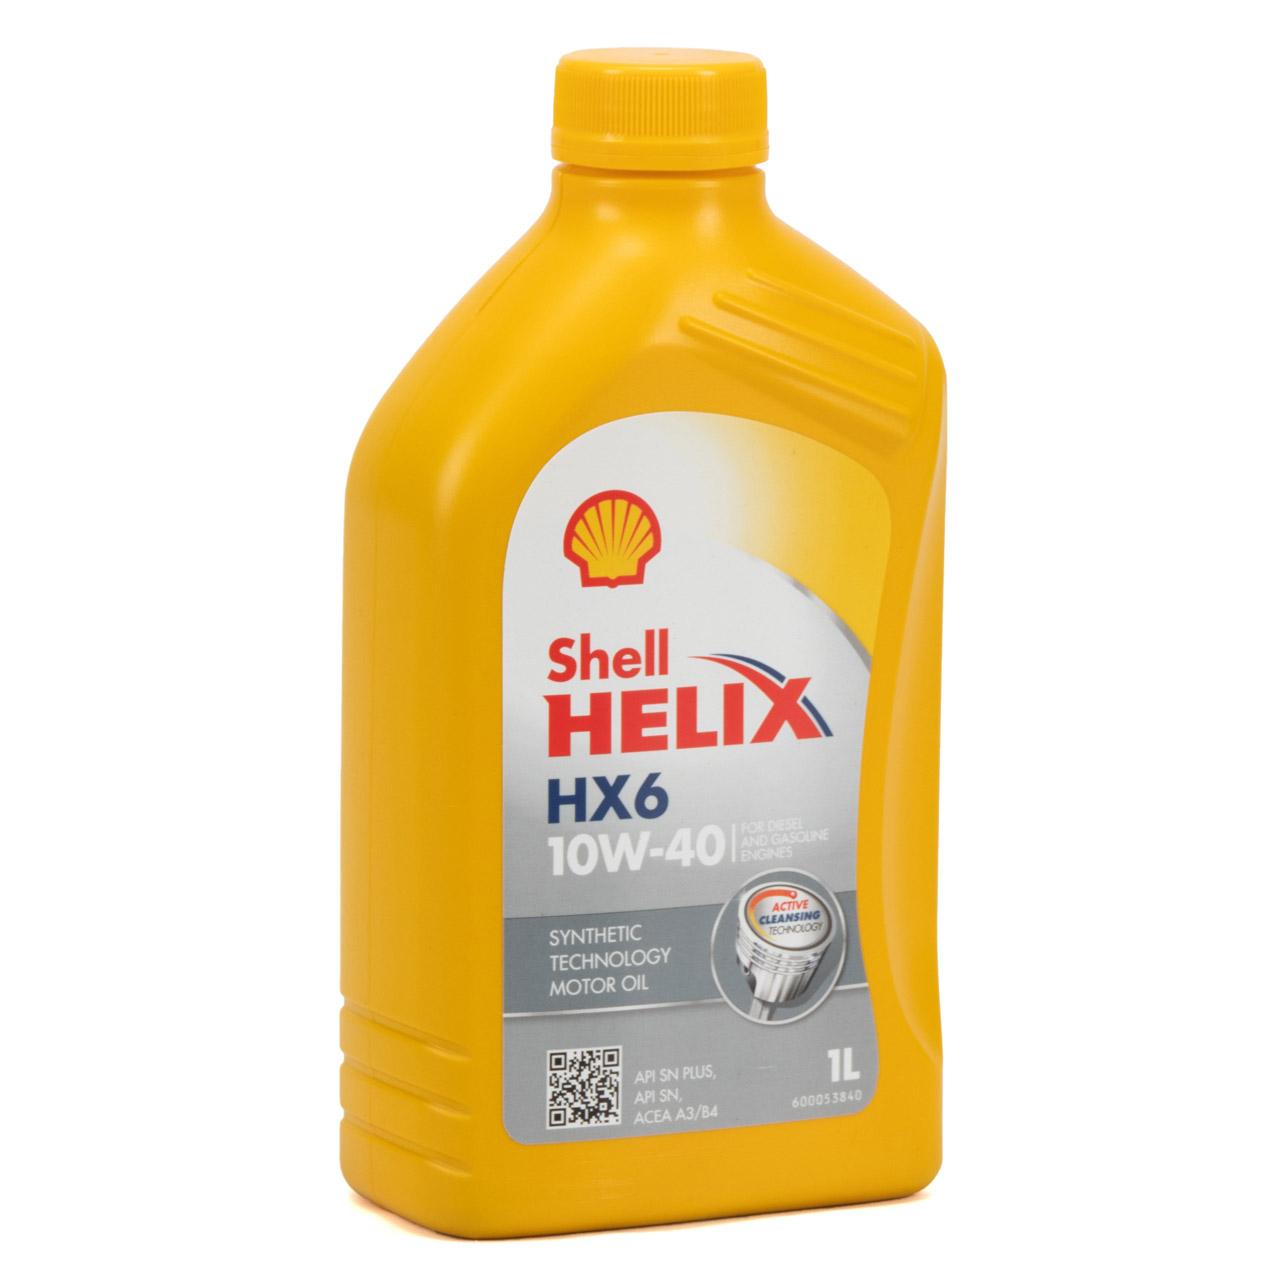 SHELL Motoröl Öl HELIX HX6 10W-40 10W40 MB 229.3 VW 501.01/505.00 - 1L 1 Liter